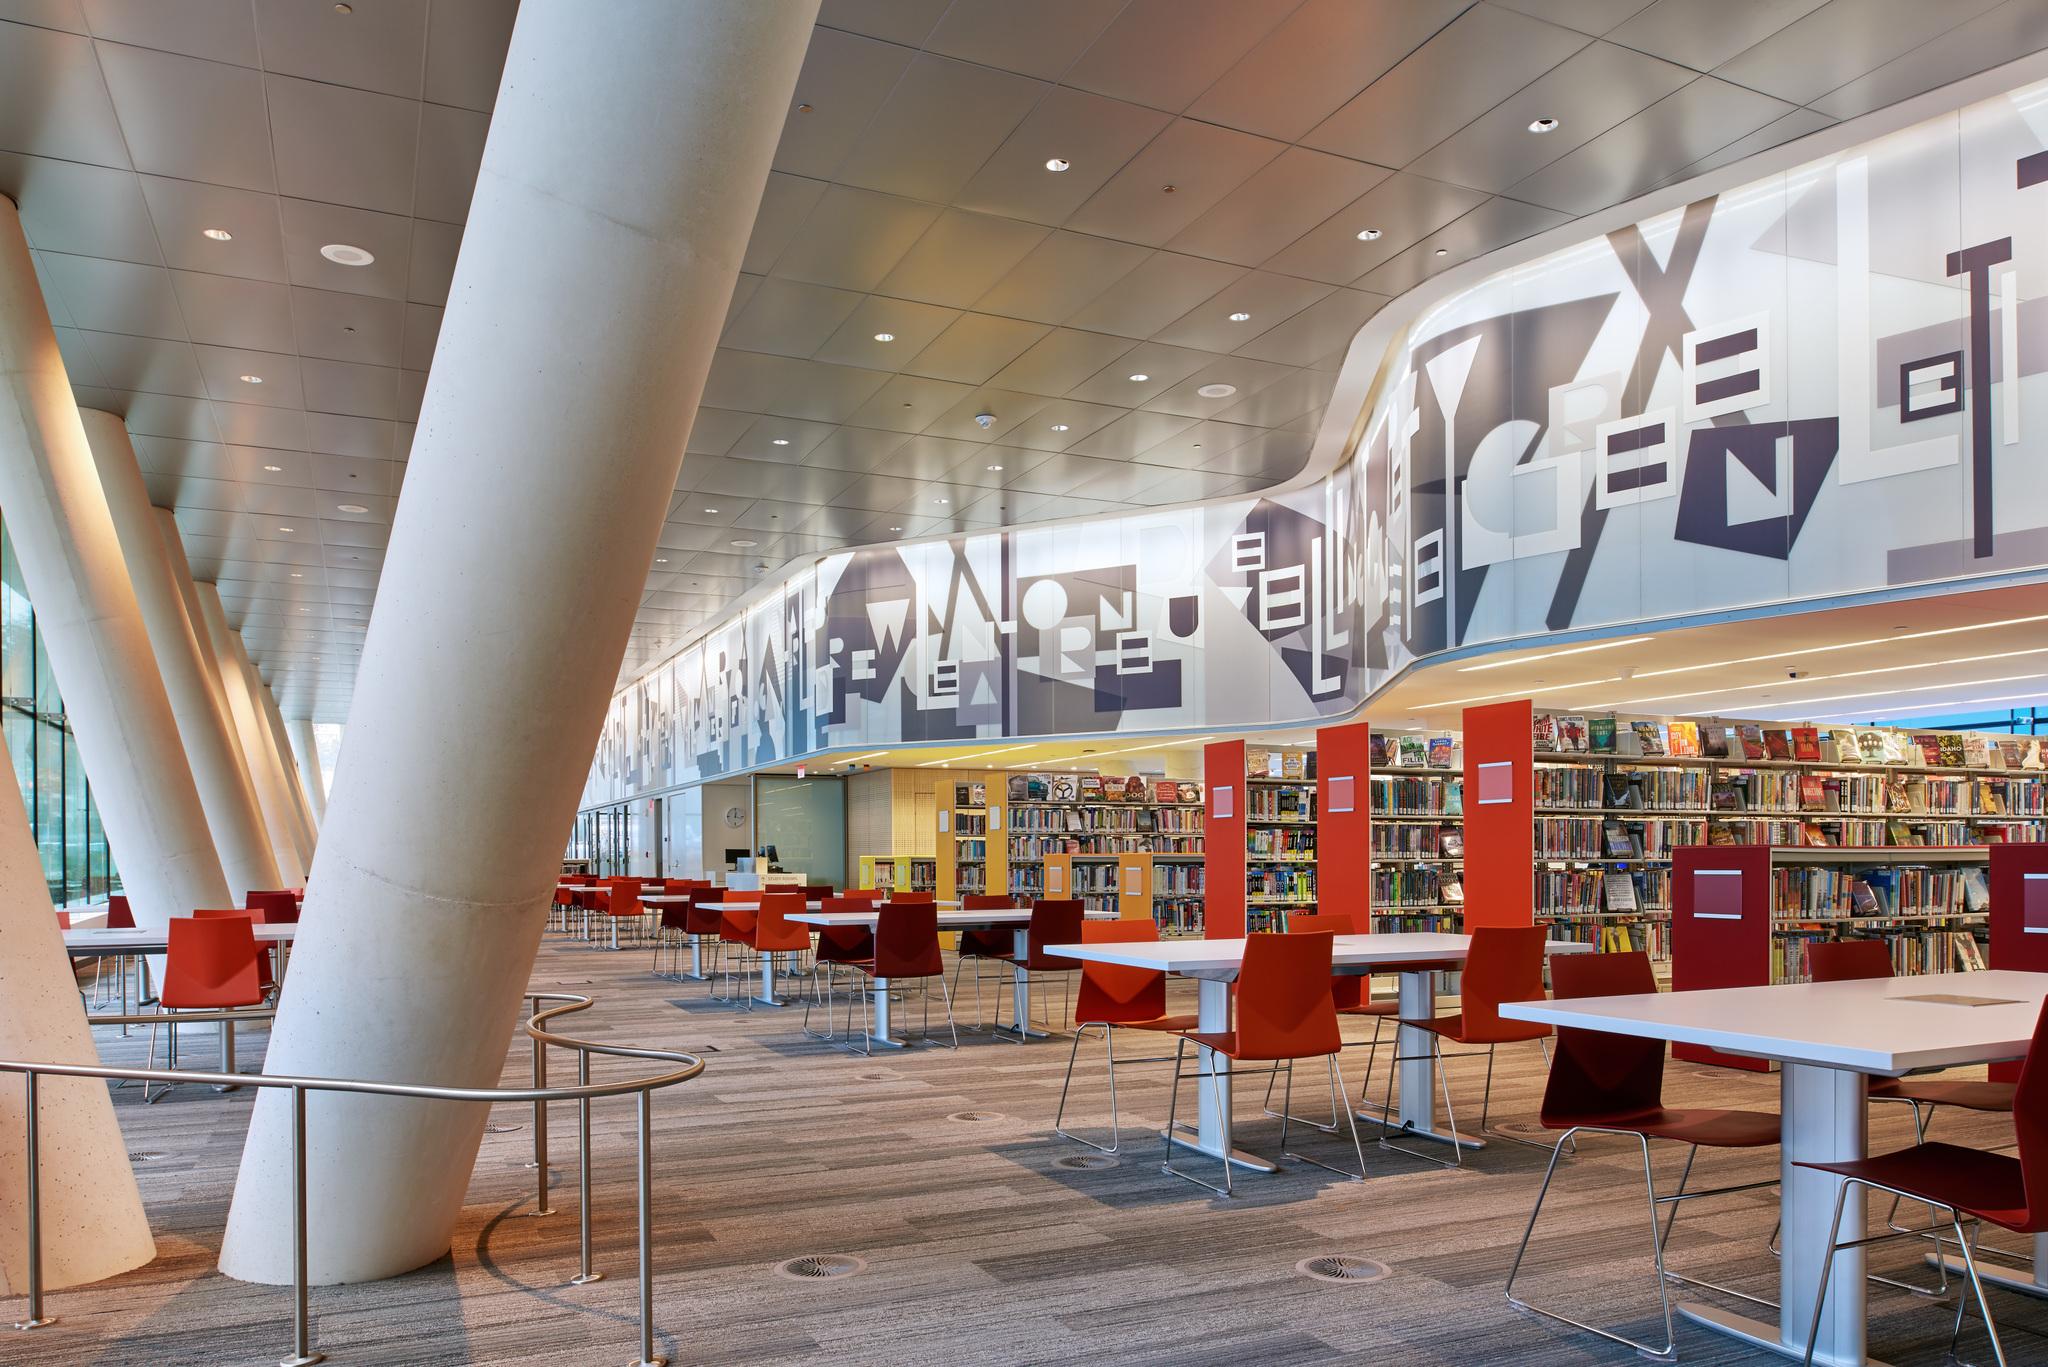 Two D.C. public libraries win prestigious architecture awards